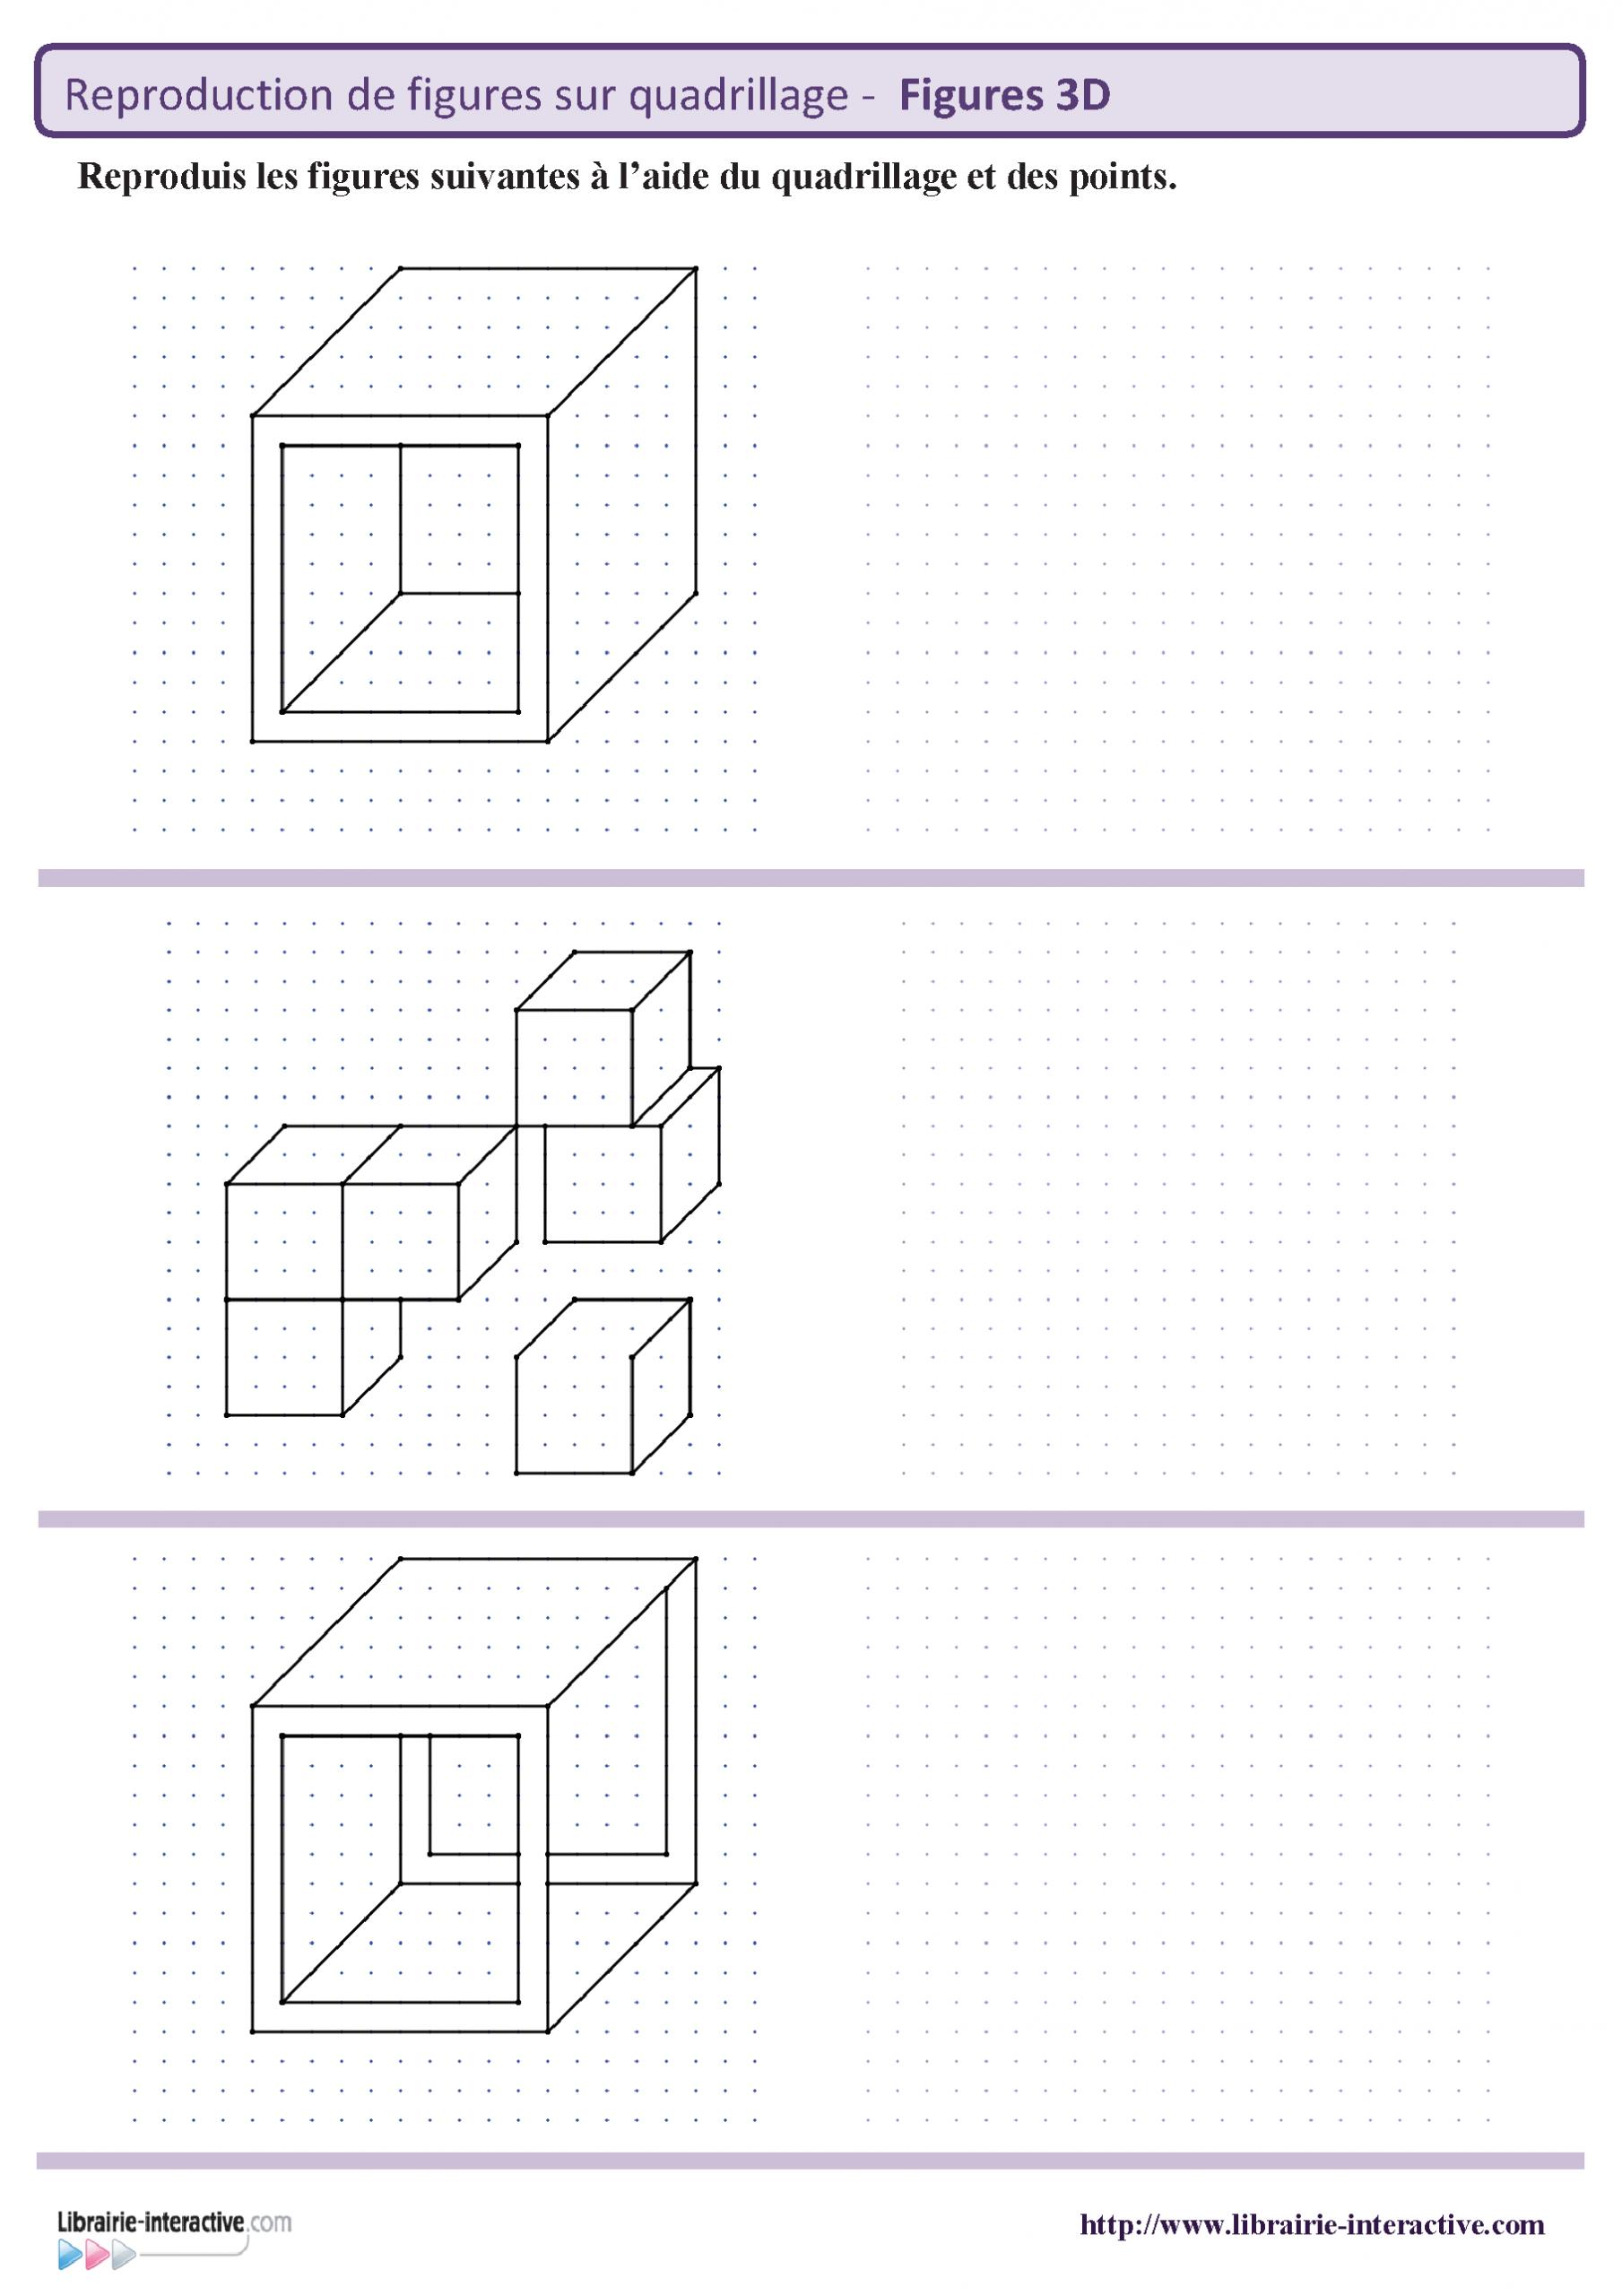 8 Fiches Avec Chacune 3 Figures En 3 Dimensions À Reproduire encequiconcerne Reproduire Une Figure